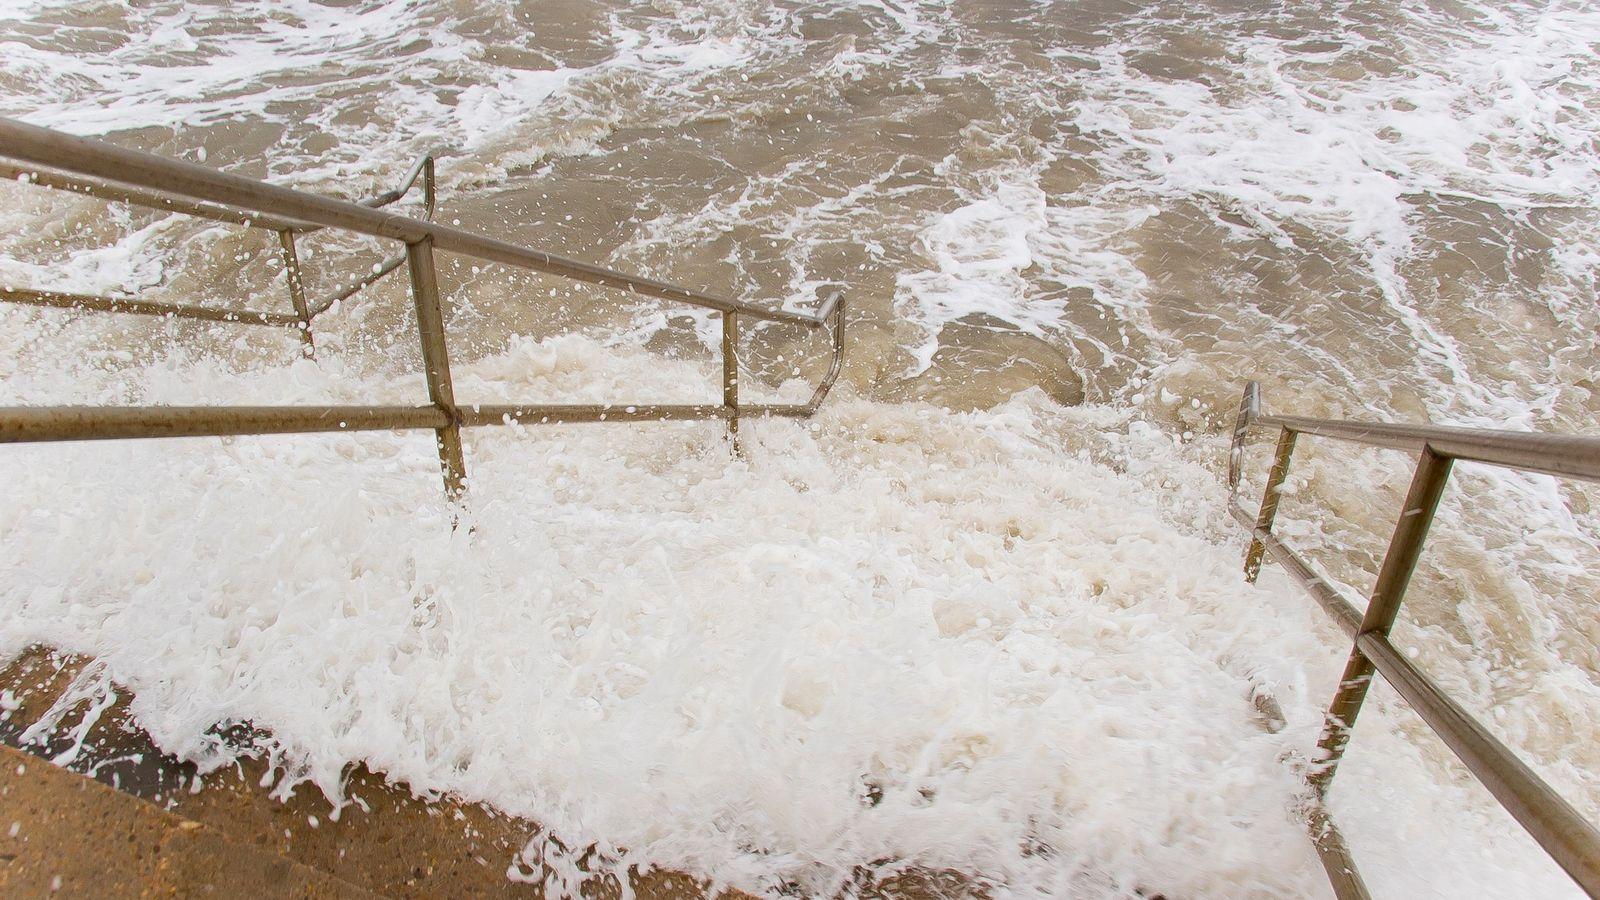 Las crecientes aguas del Golfo de México inundan una escalera durante el huracán Rita en el ...